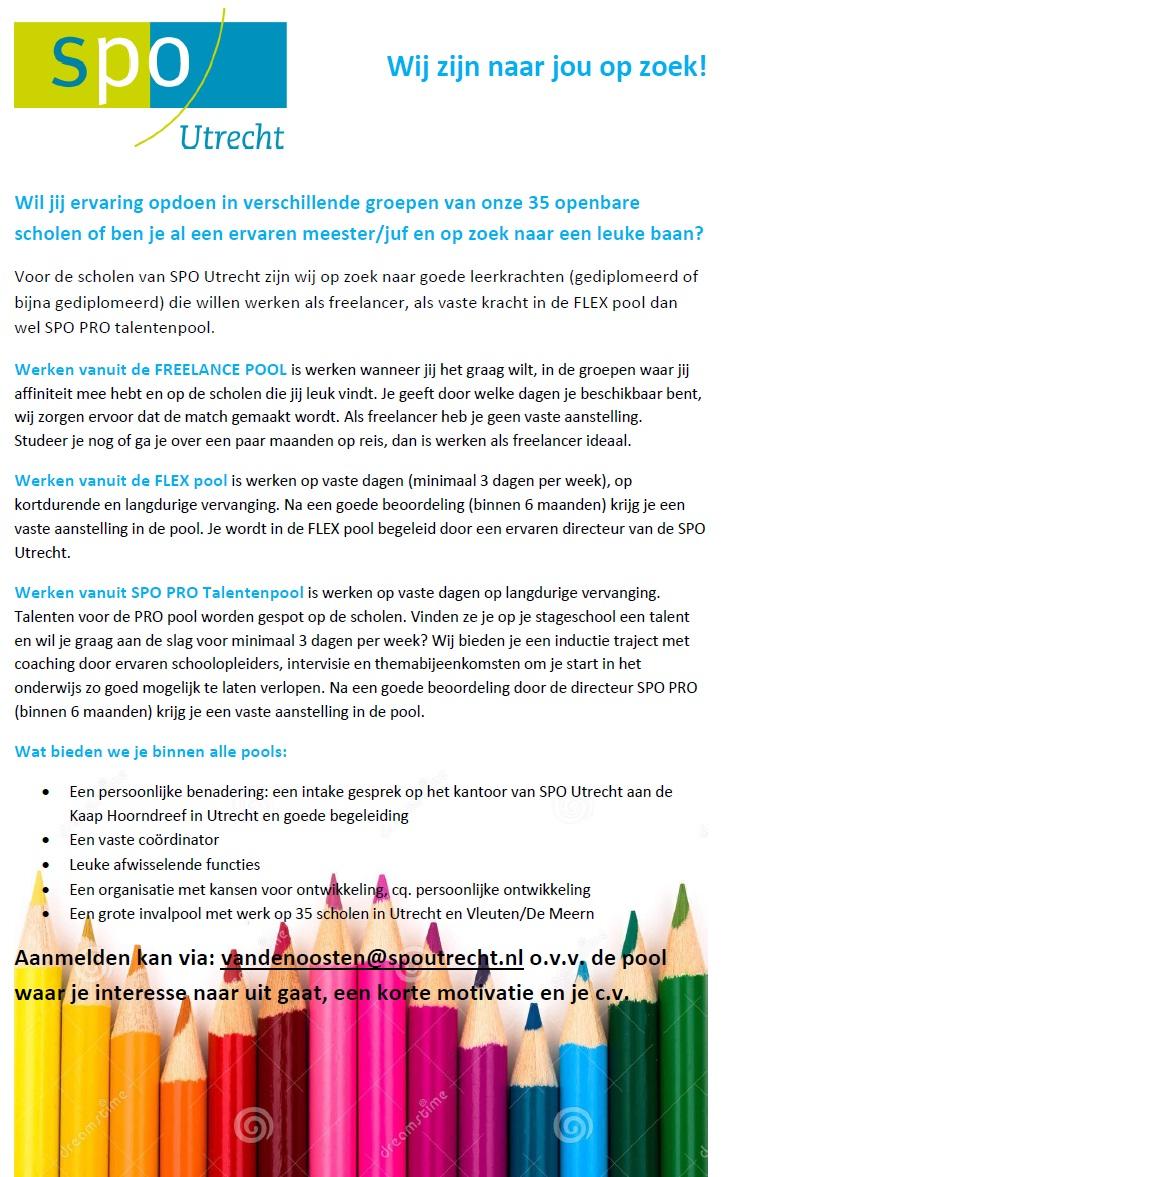 SPO | SPO Utrecht | Vacatures | Op zoek naar een baan voor de klas?: spoutrecht.nl/vacatures/op-zoek-naar-een-baan